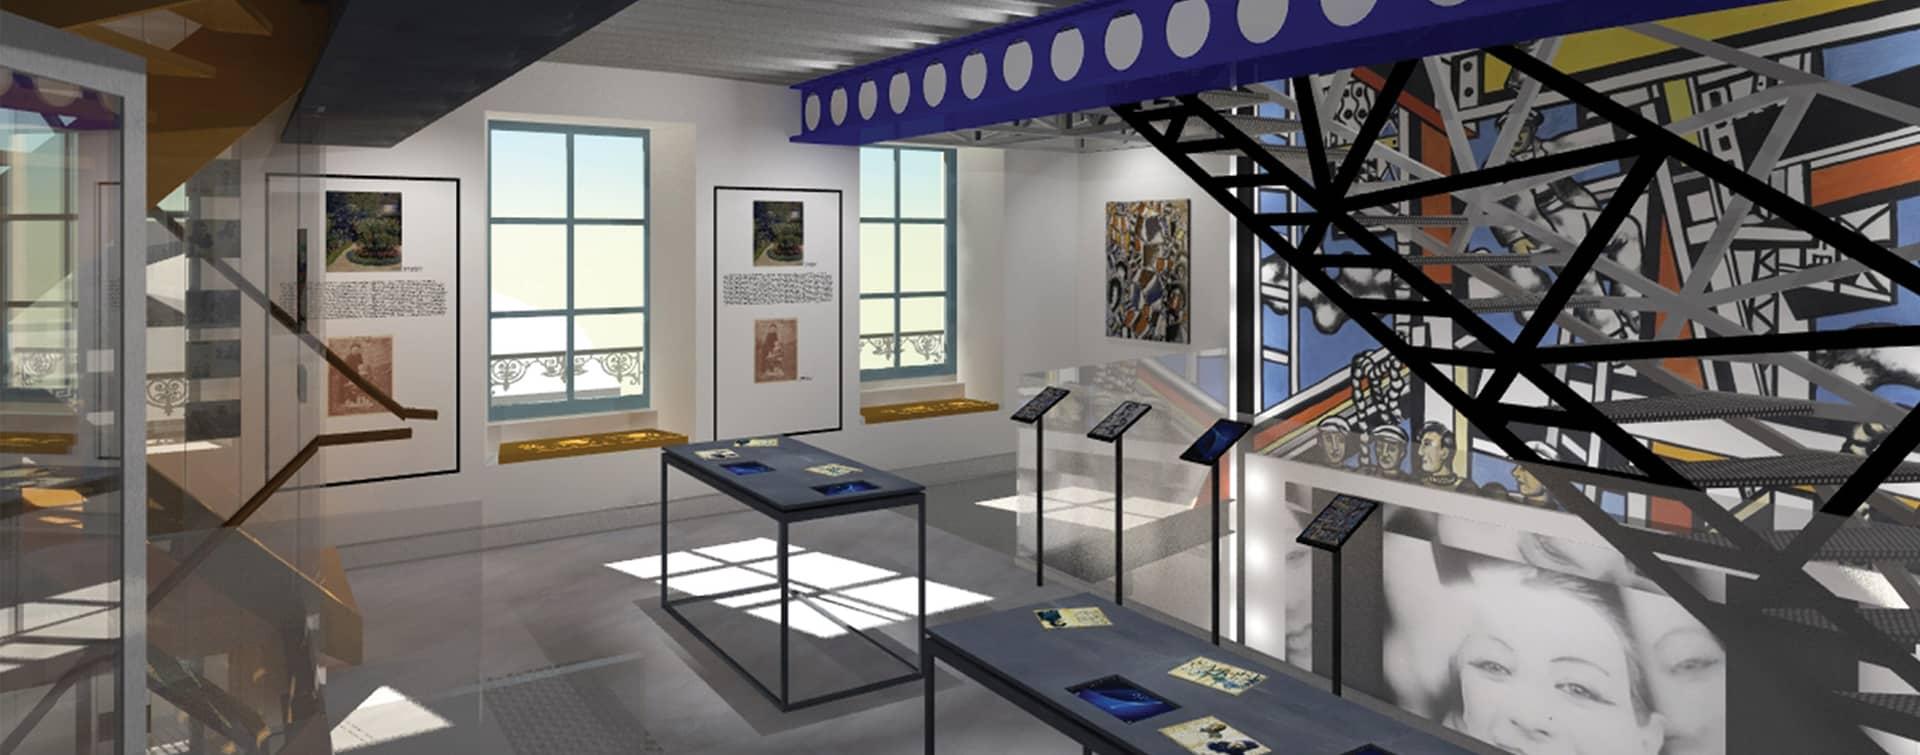 Musée Fernand Léger<br>- André Mare